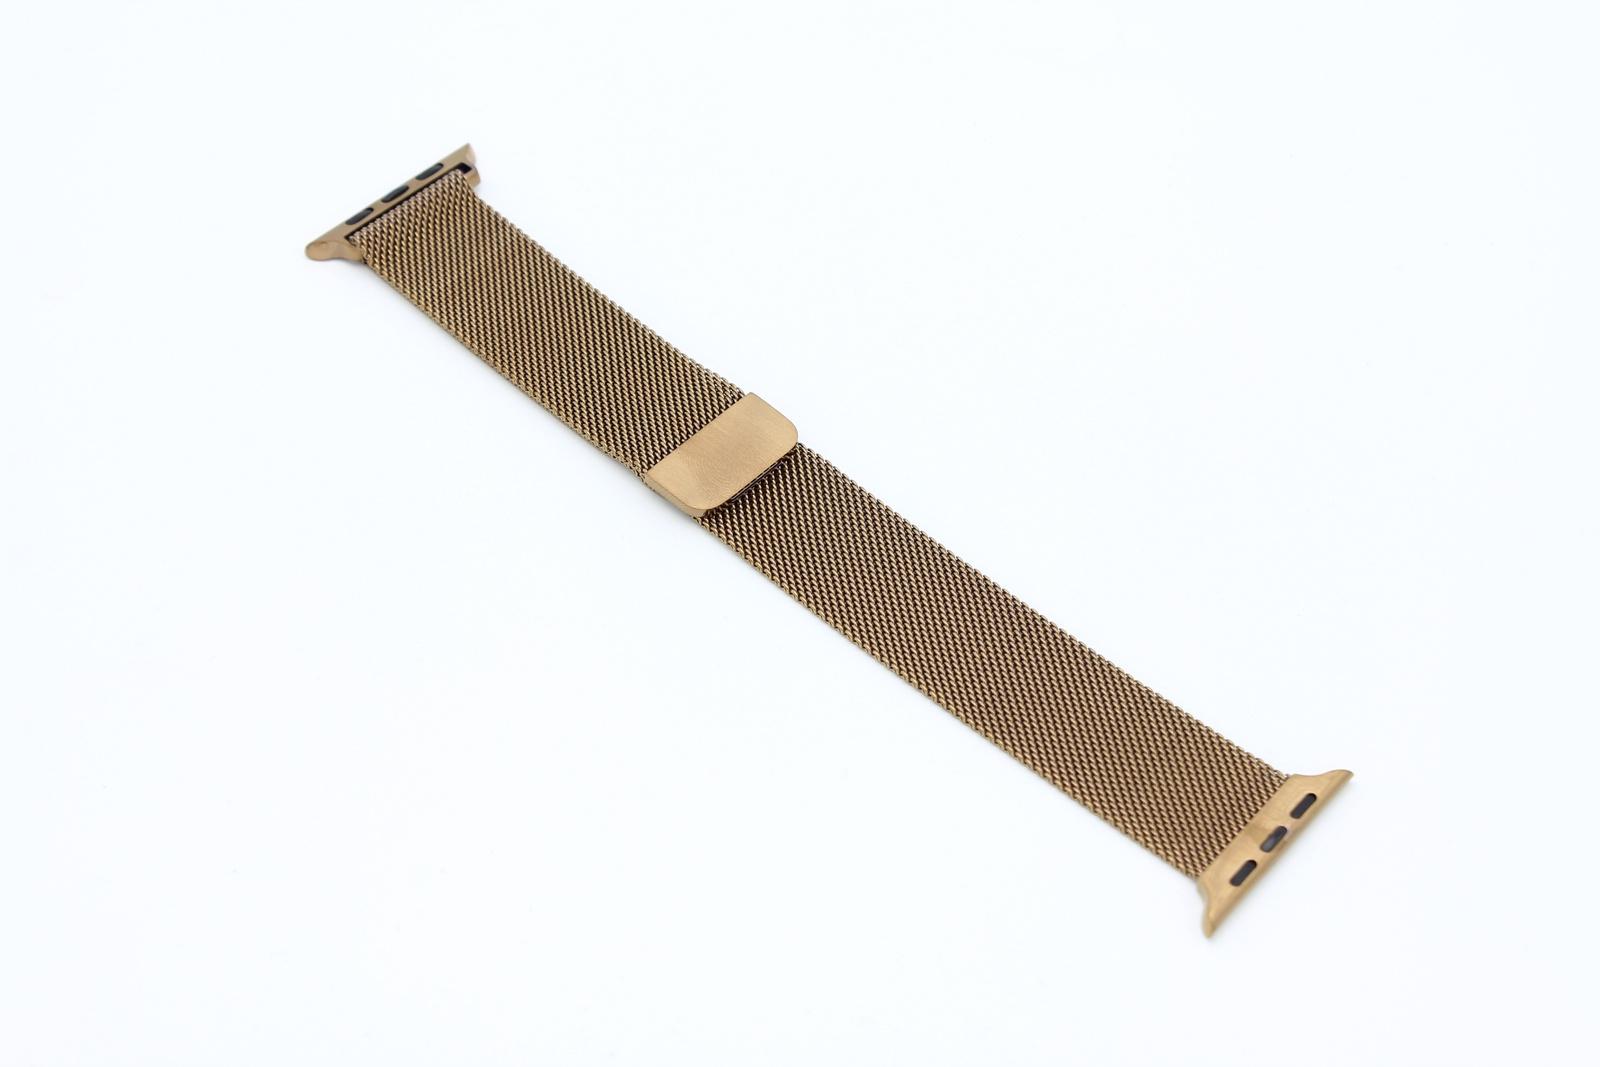 Ремешок металлический Миланская петля для Apple Watch 42/44 мм, коричневый цена